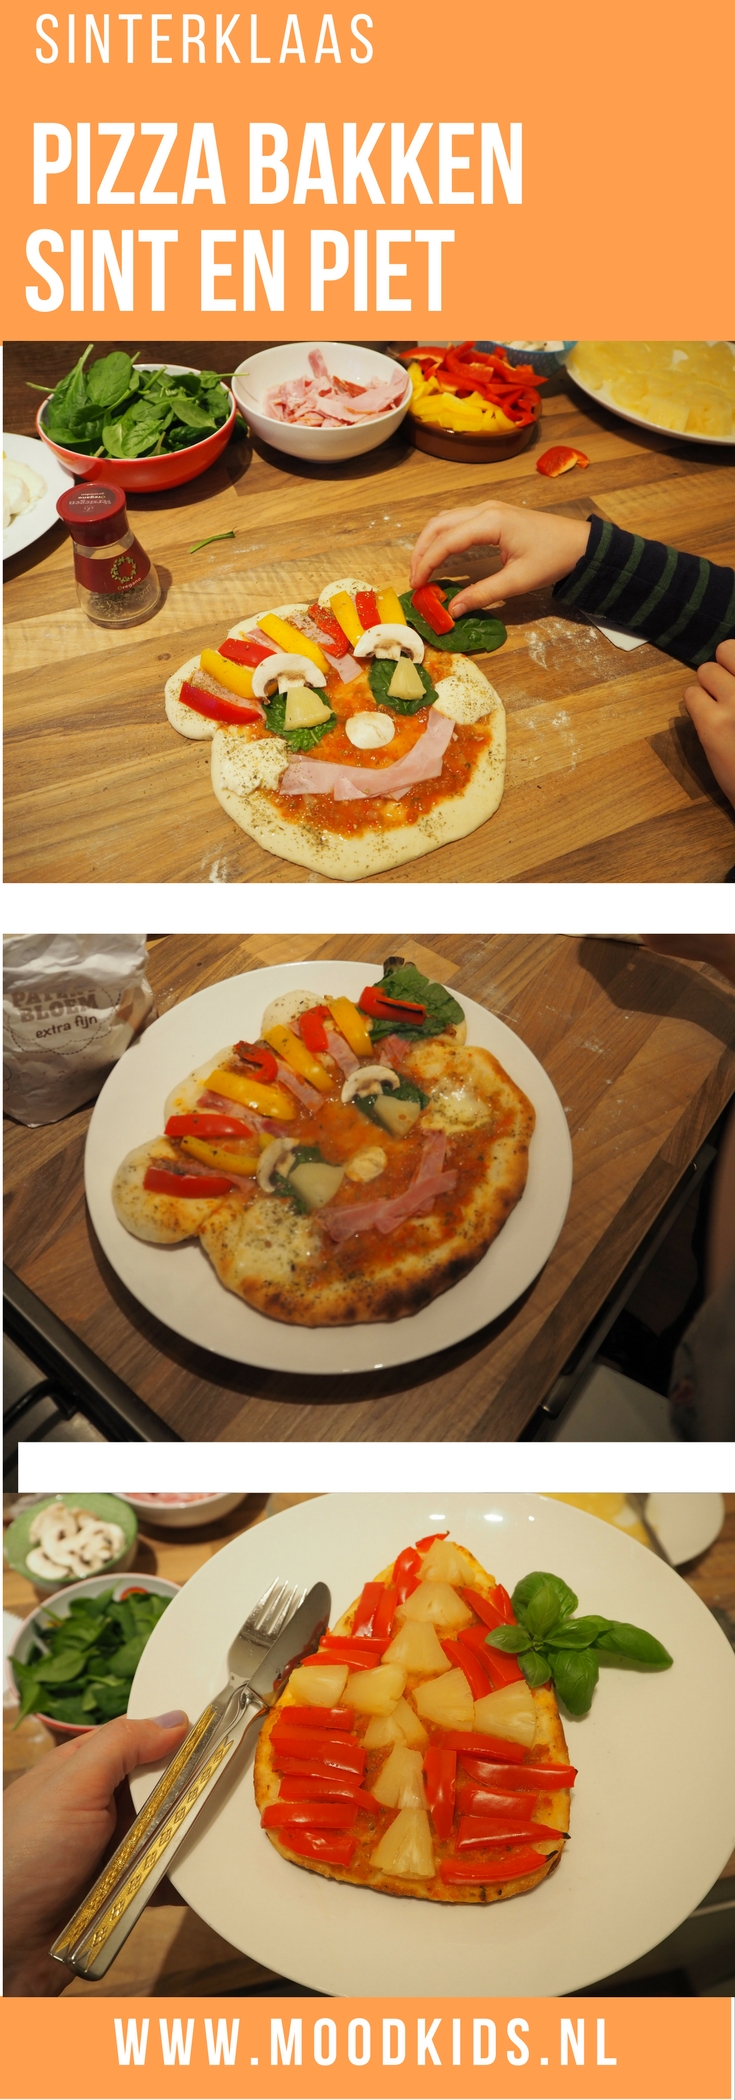 Zelf pizza bakken samen met je kinderen is erg leuk. In de aanloop naar 5 december maak je er dan geen pizza van, maar piet-za. Het recept vind je hier.